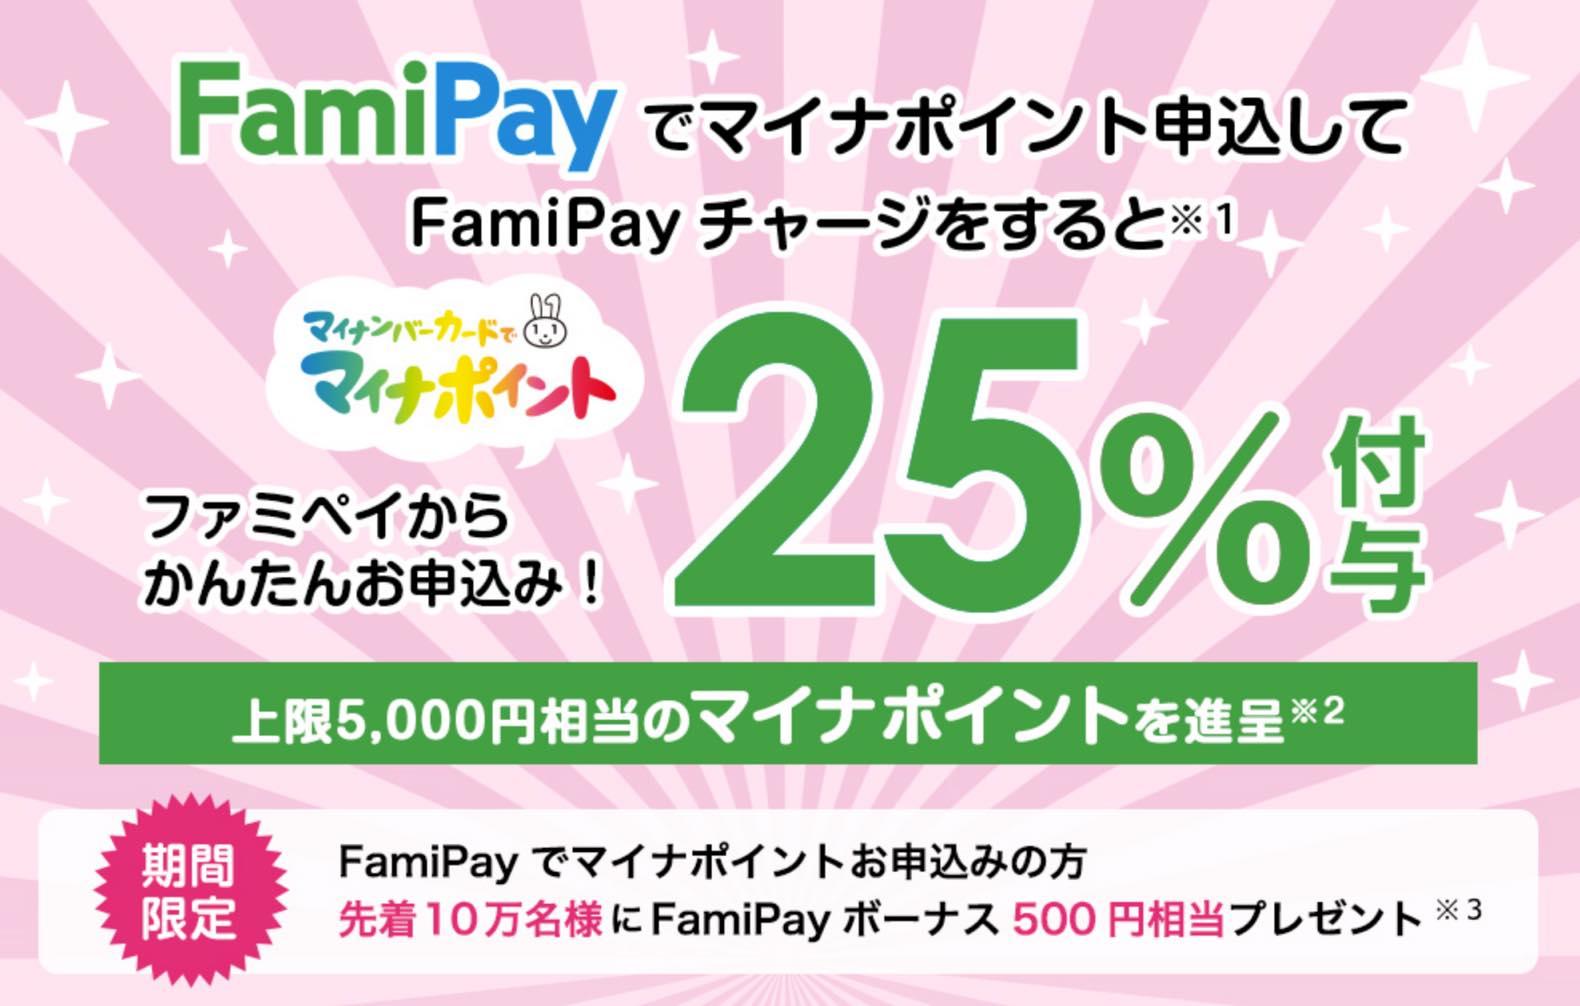 マイナポイント登録キャンペーン「Fami Pay」:概要